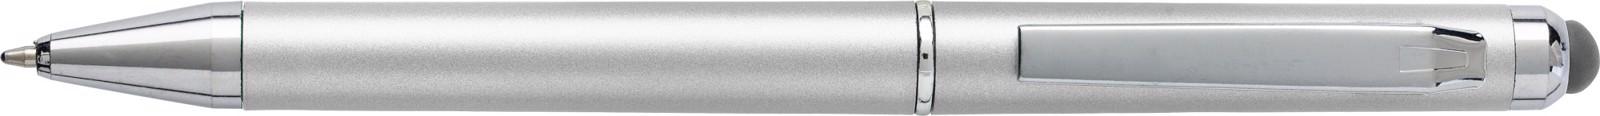 ABS ballpen - Silver